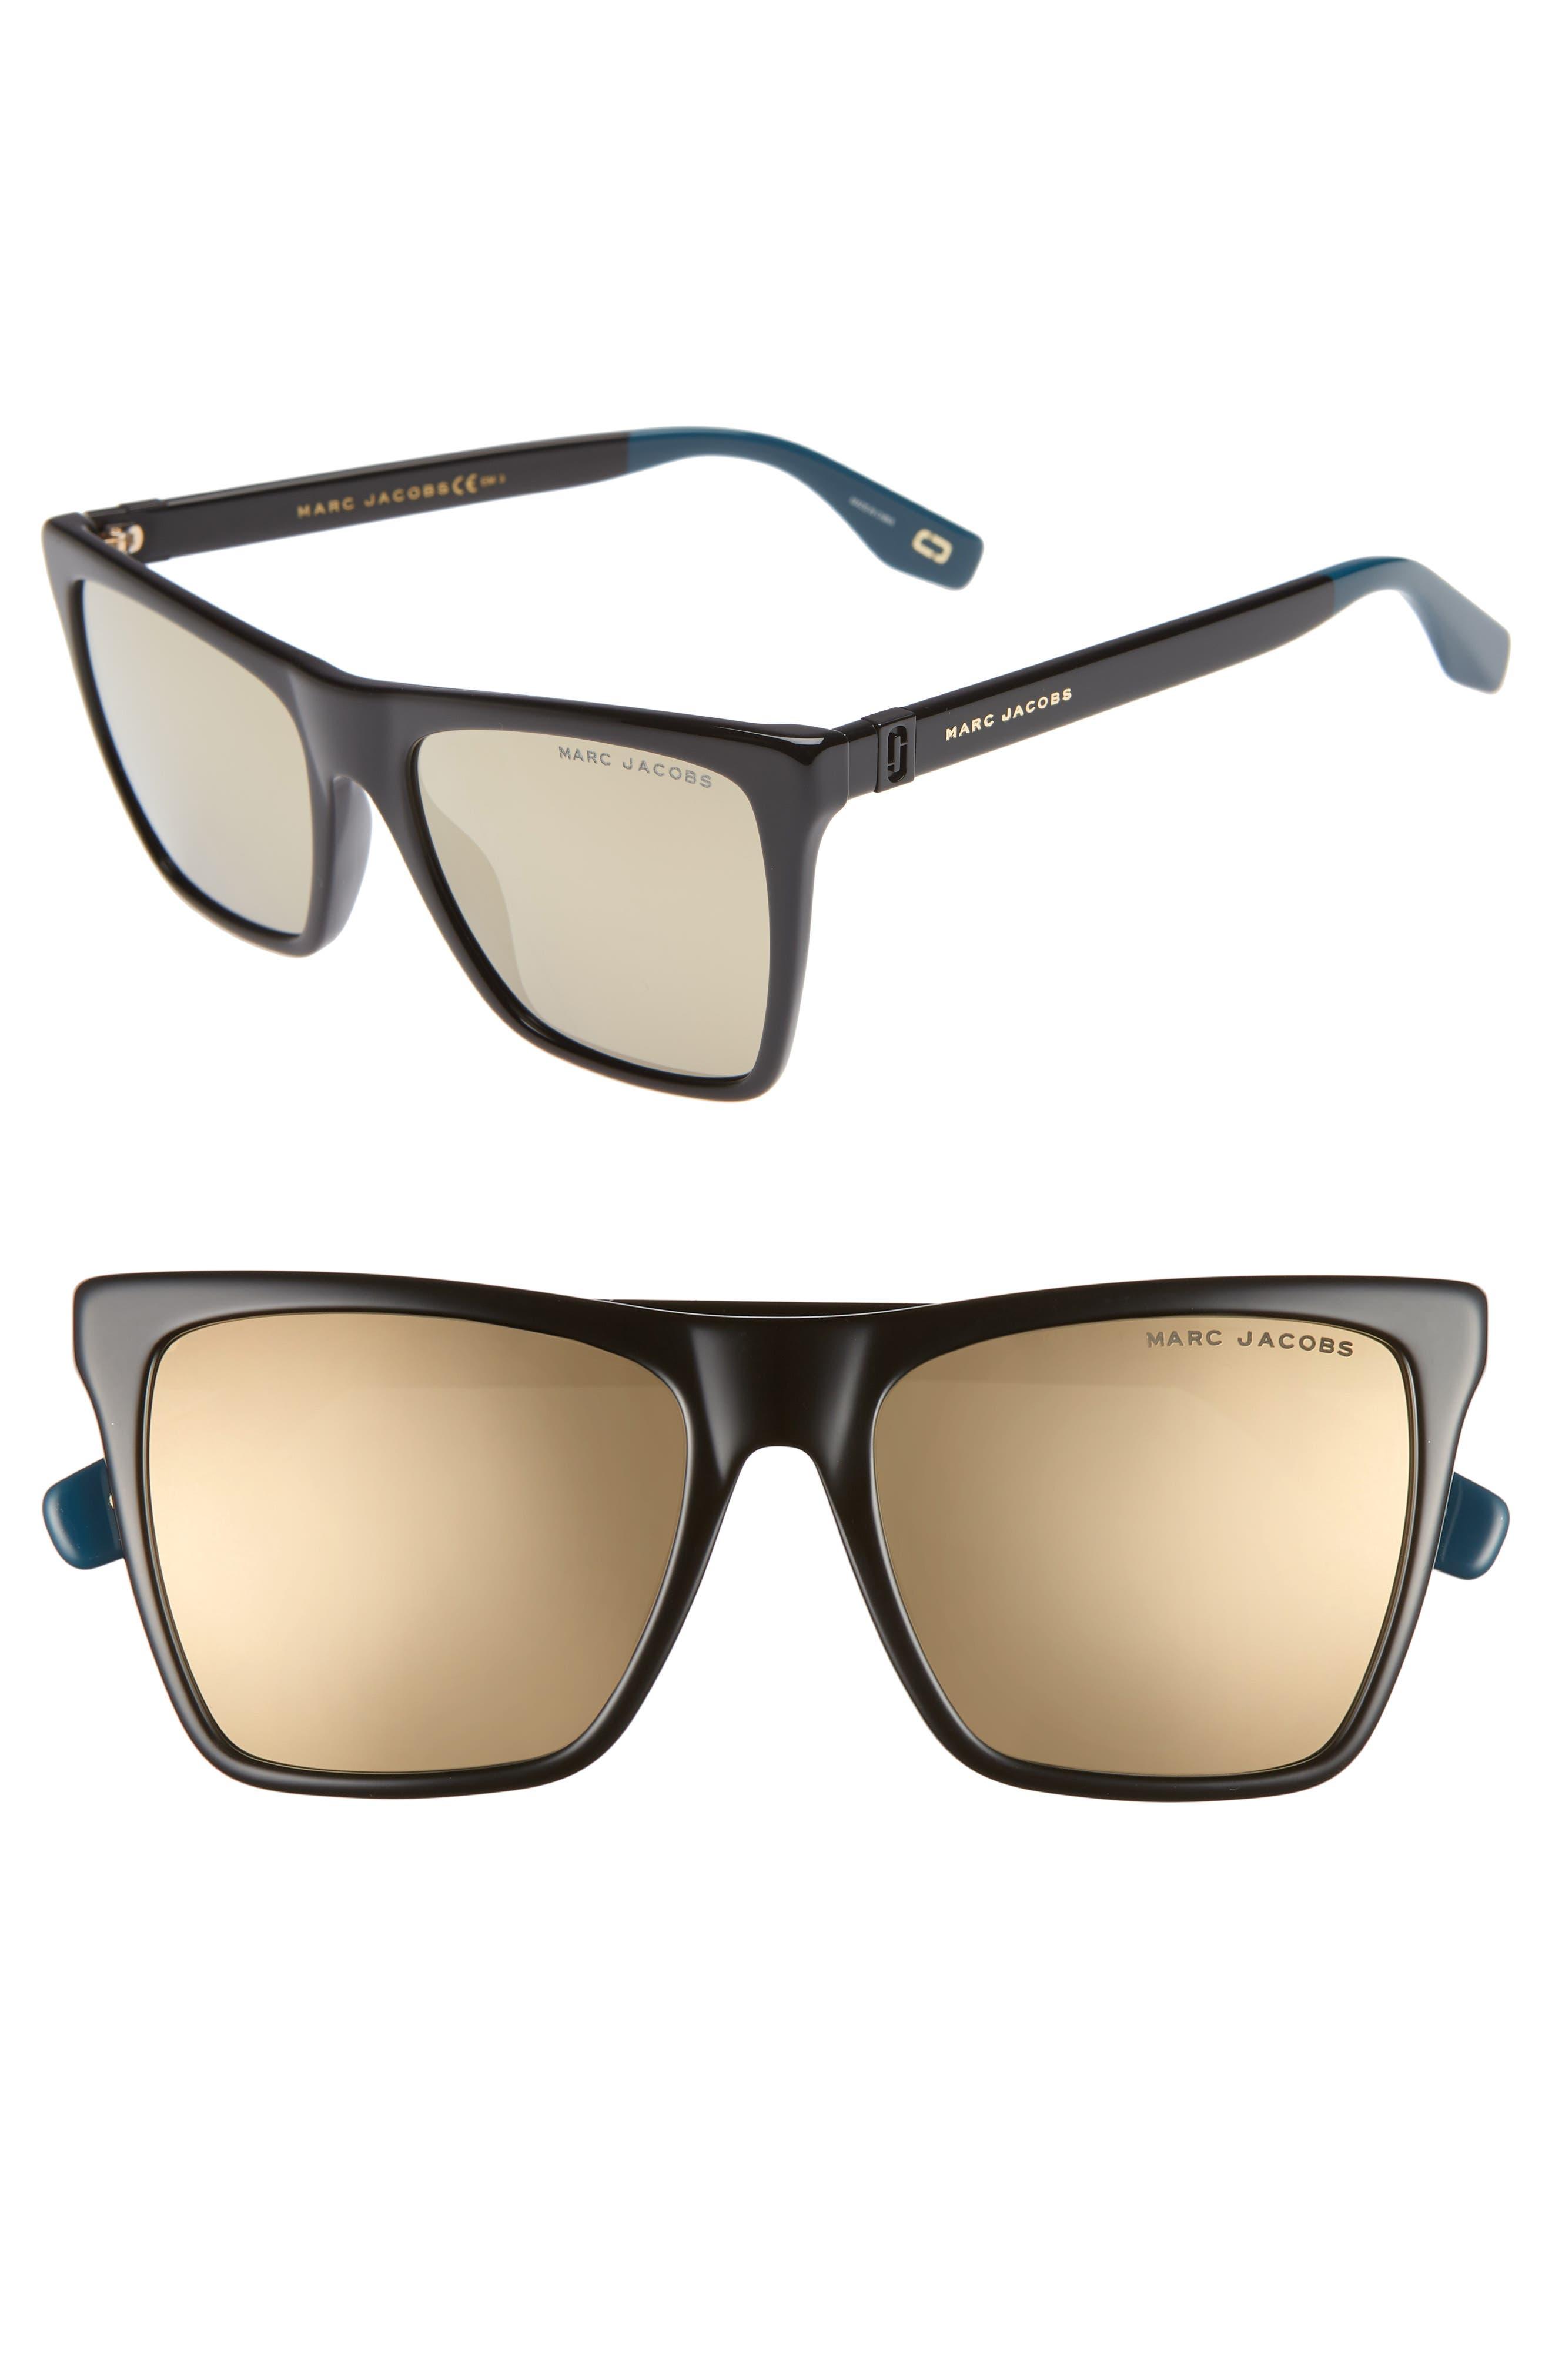 54mm Square Sunglasses,                             Main thumbnail 1, color,                             BLACK/ GOLD